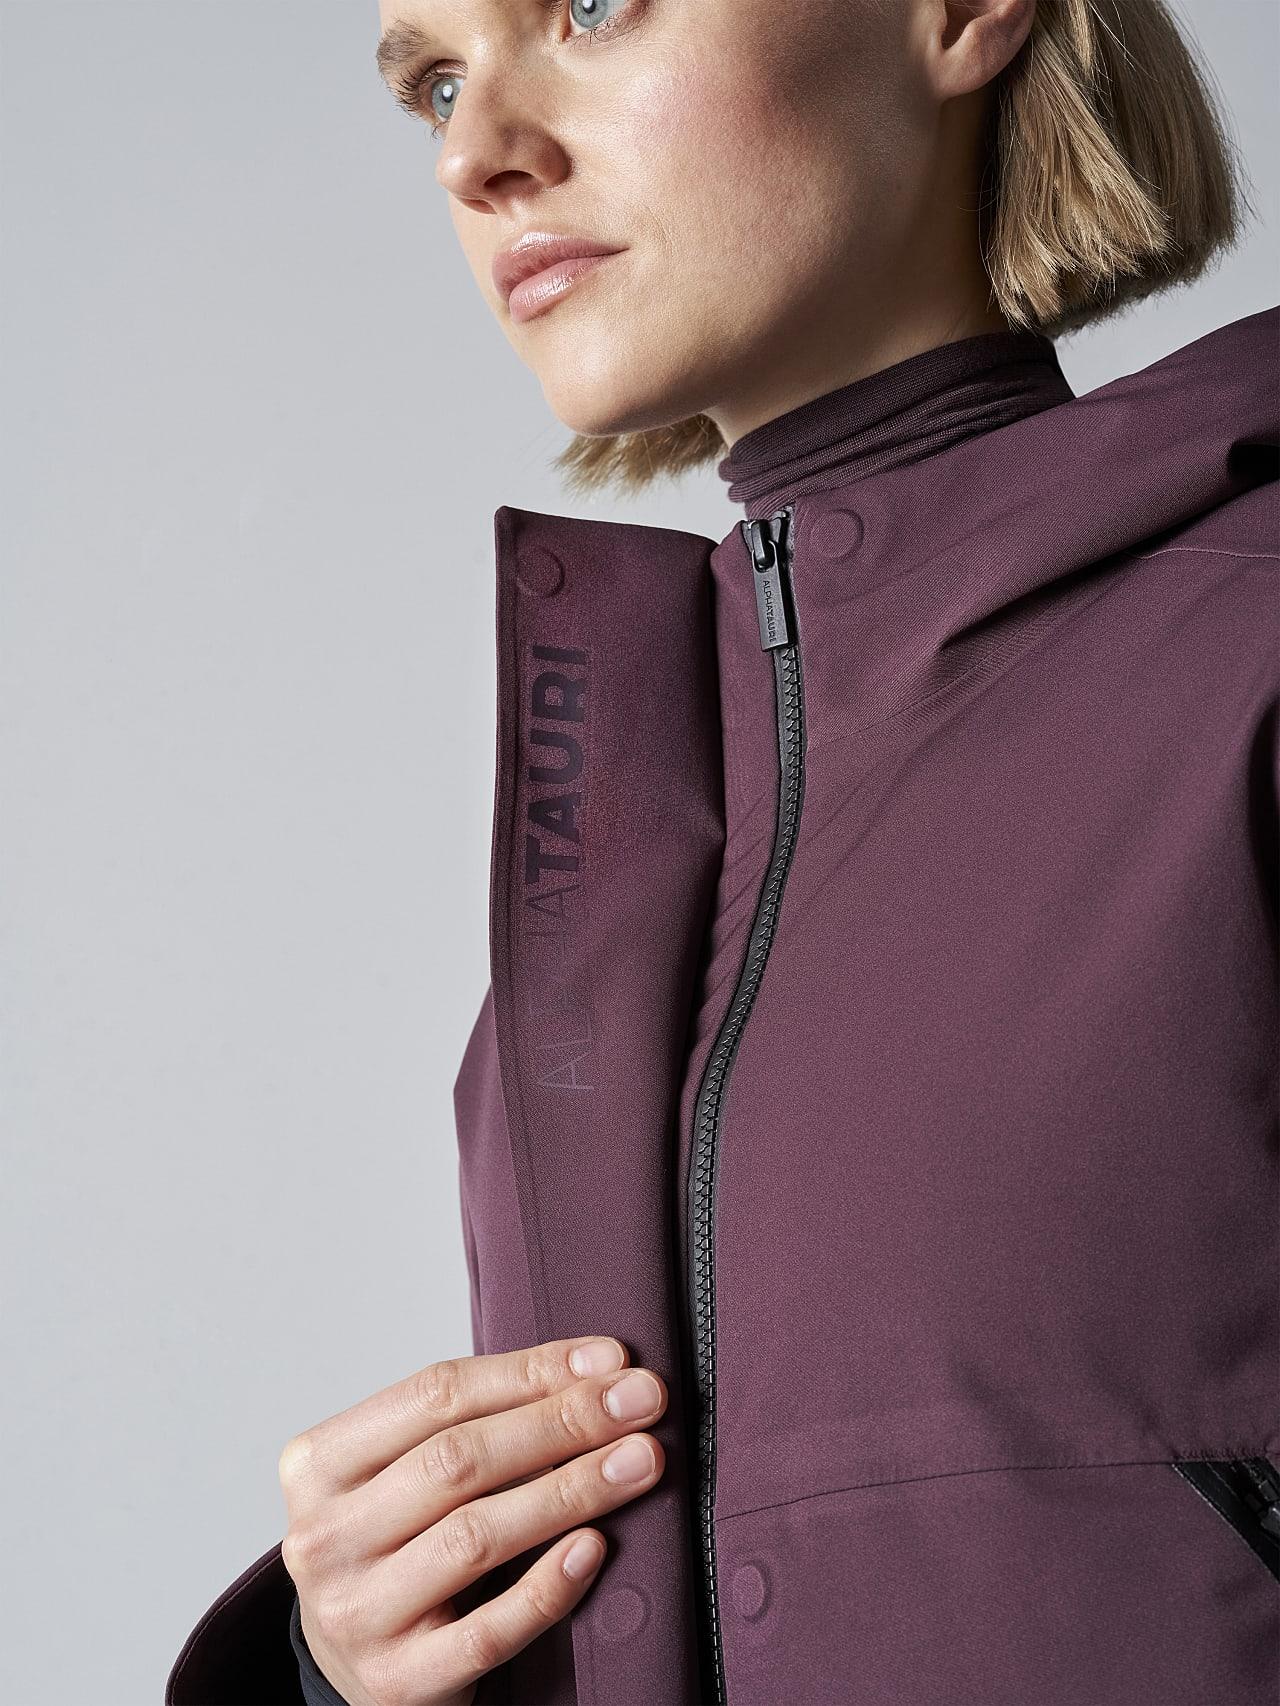 ONUVO V1.Y5.02 Packable Waterproof Jacket Burgundy scene7.view.8.name Alpha Tauri